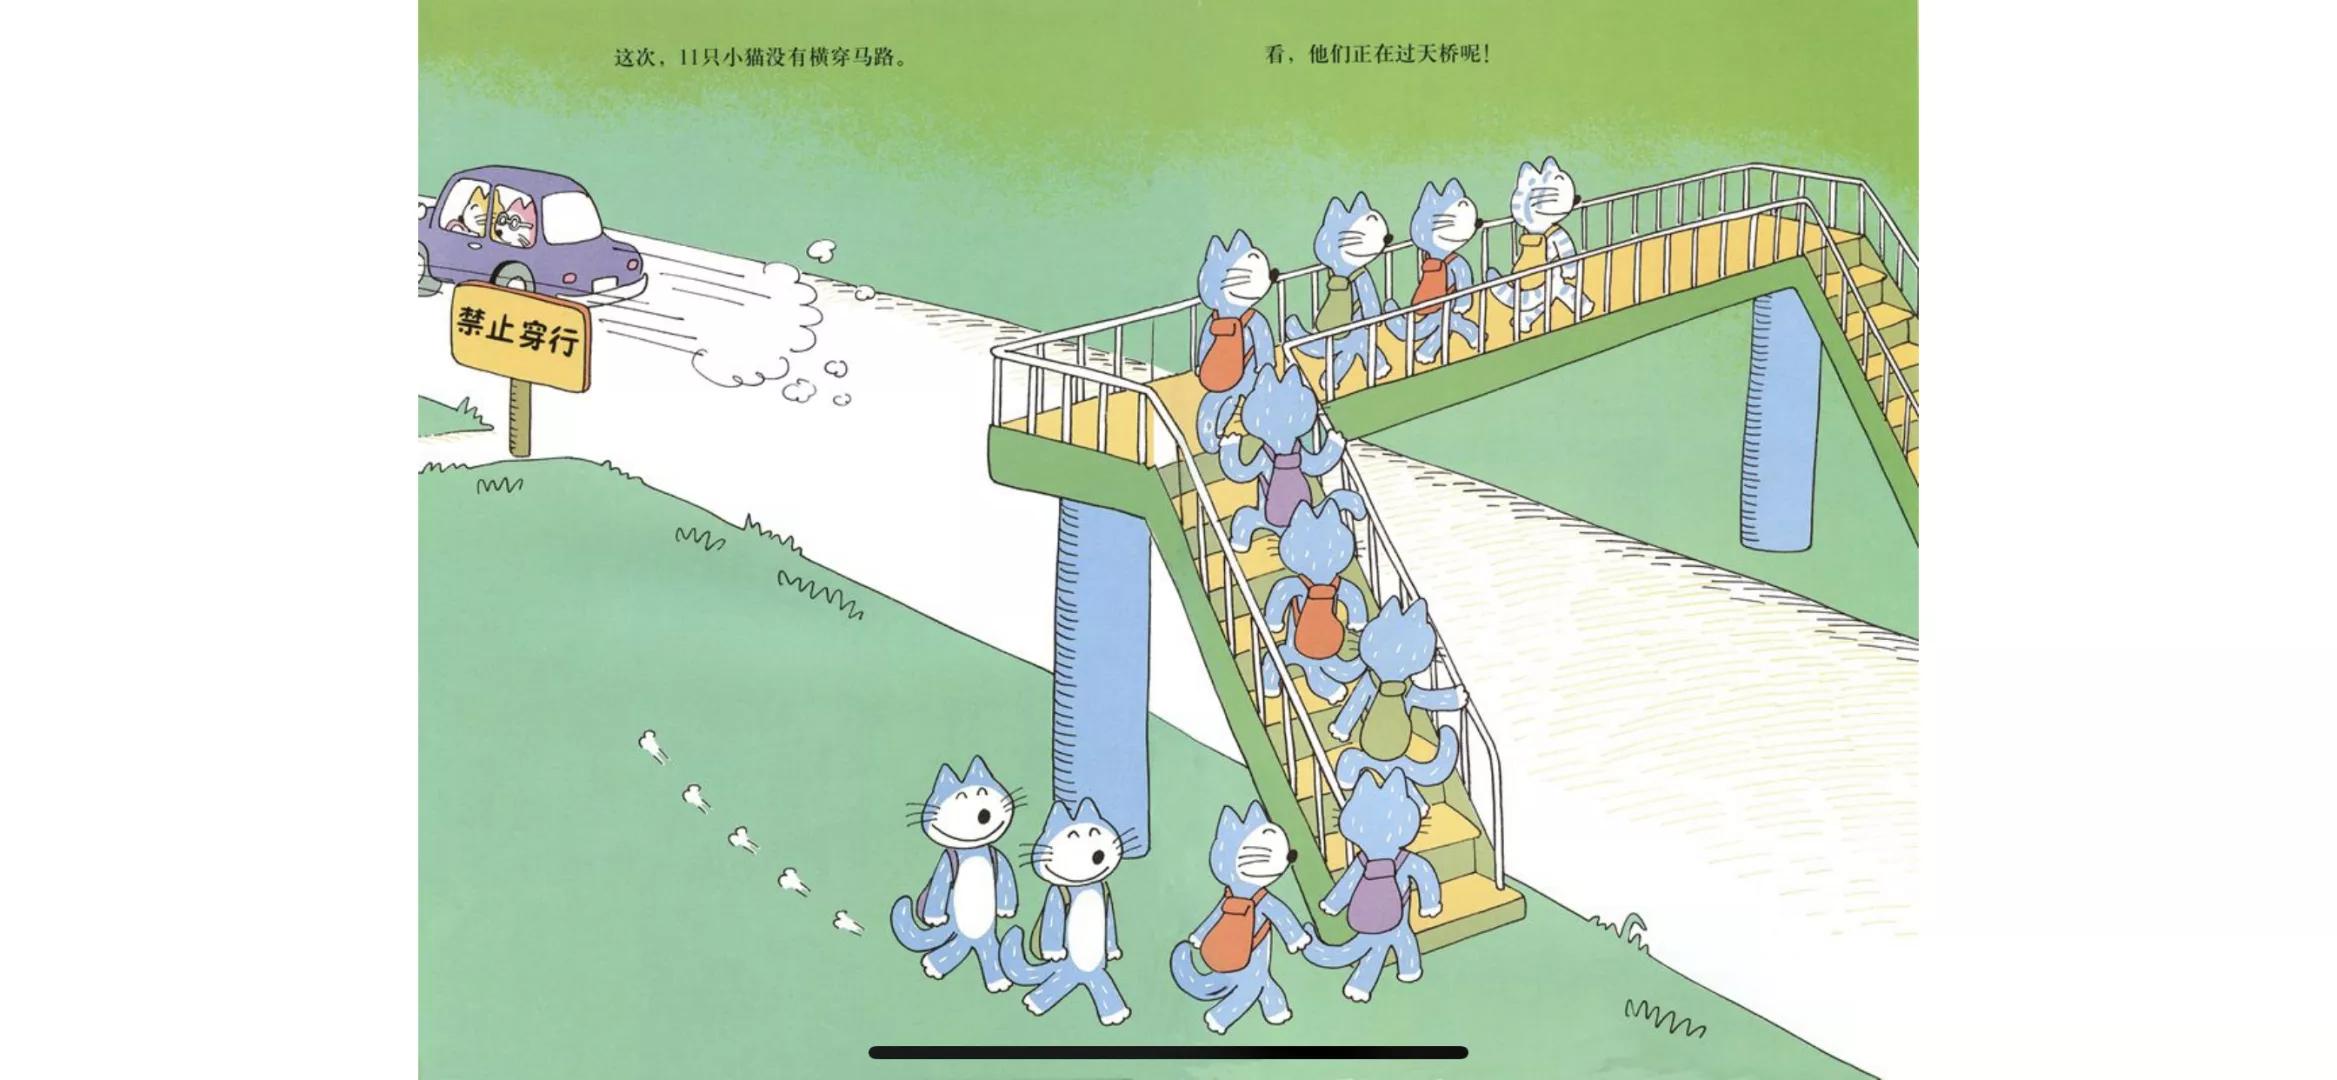 绘本欣赏 |《11只小猫做苦工》,让孩子懂得遵守规则的重要性